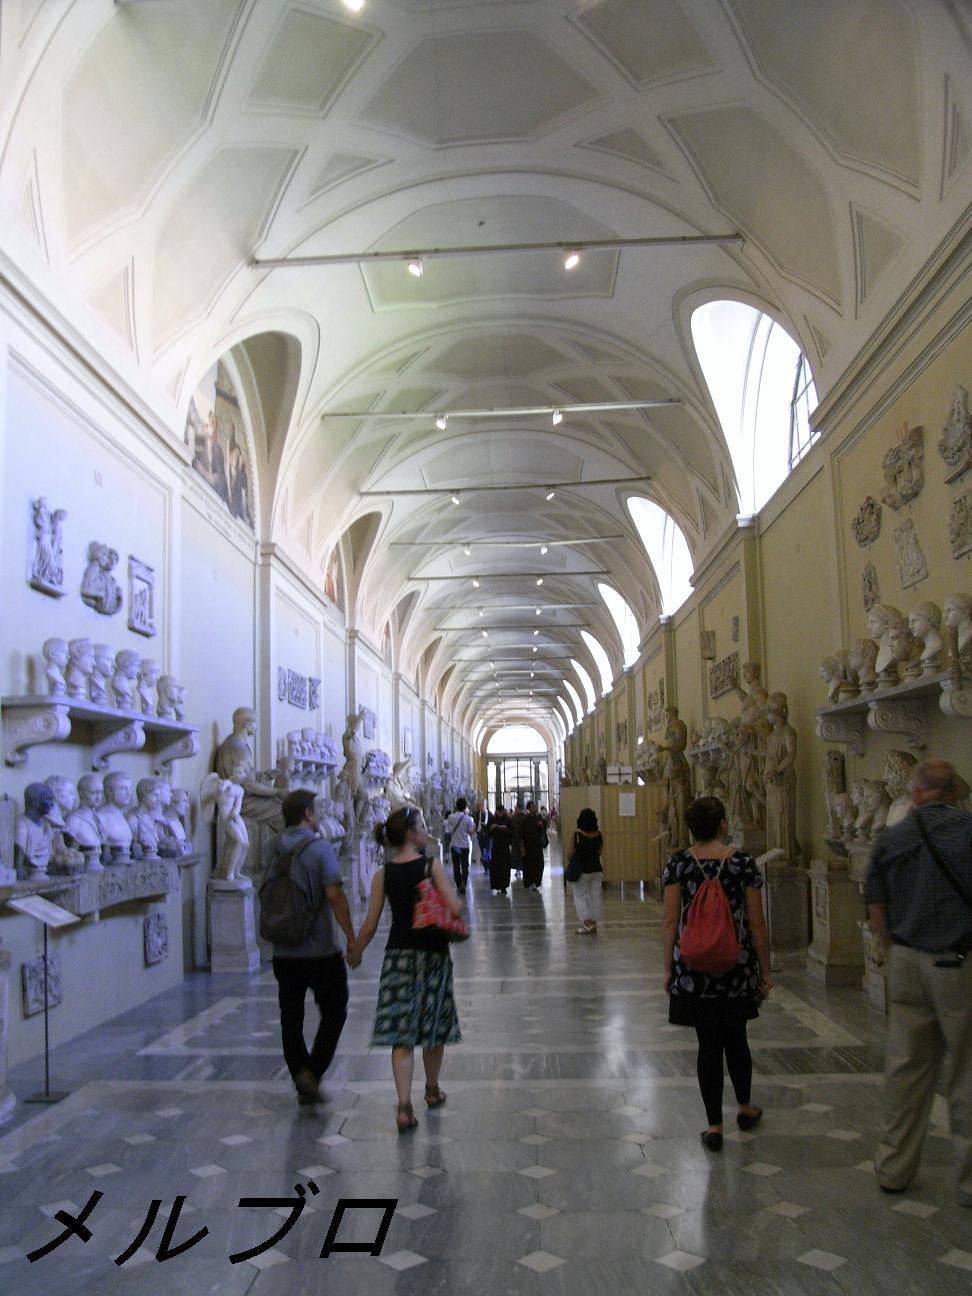 キアラモンティ美術館